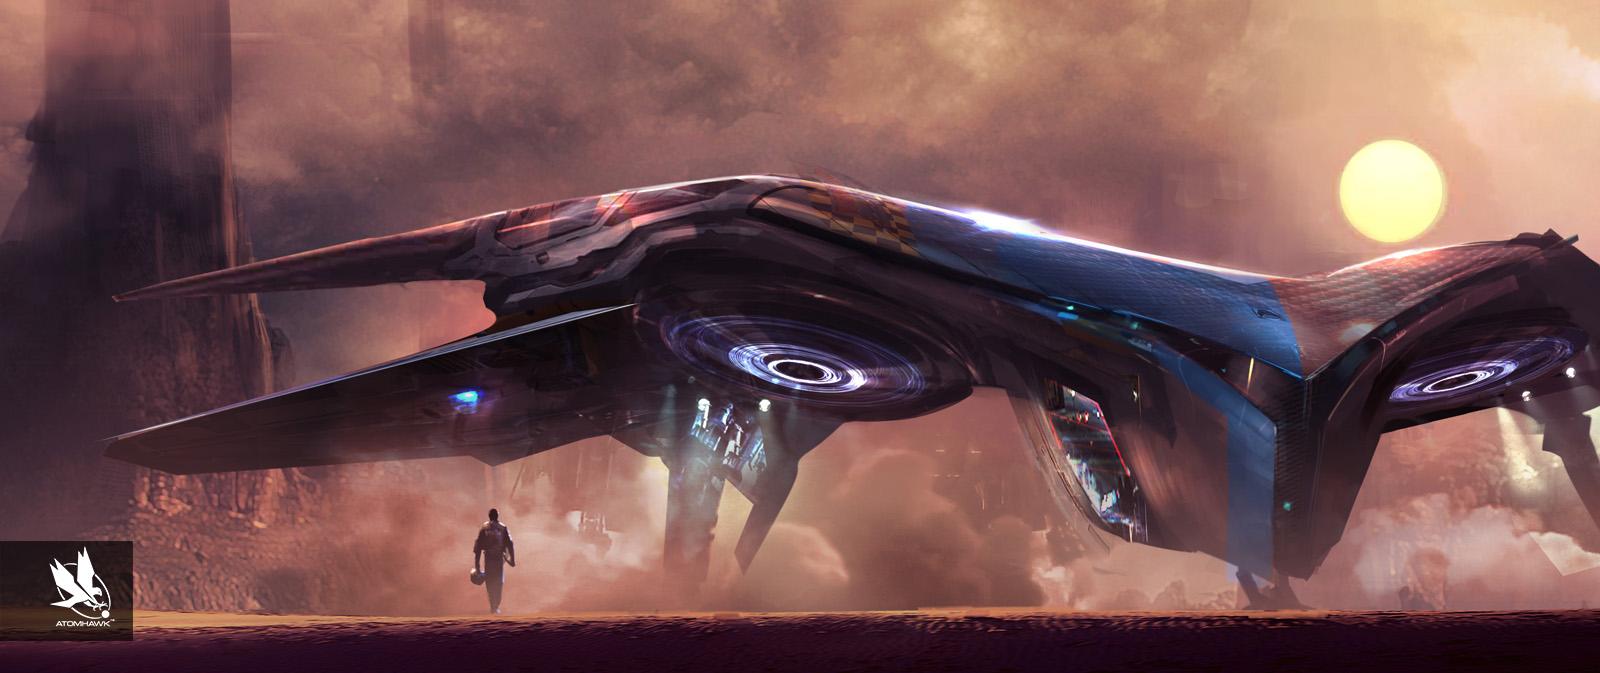 1038-the-milano-awaits-atom-hawk